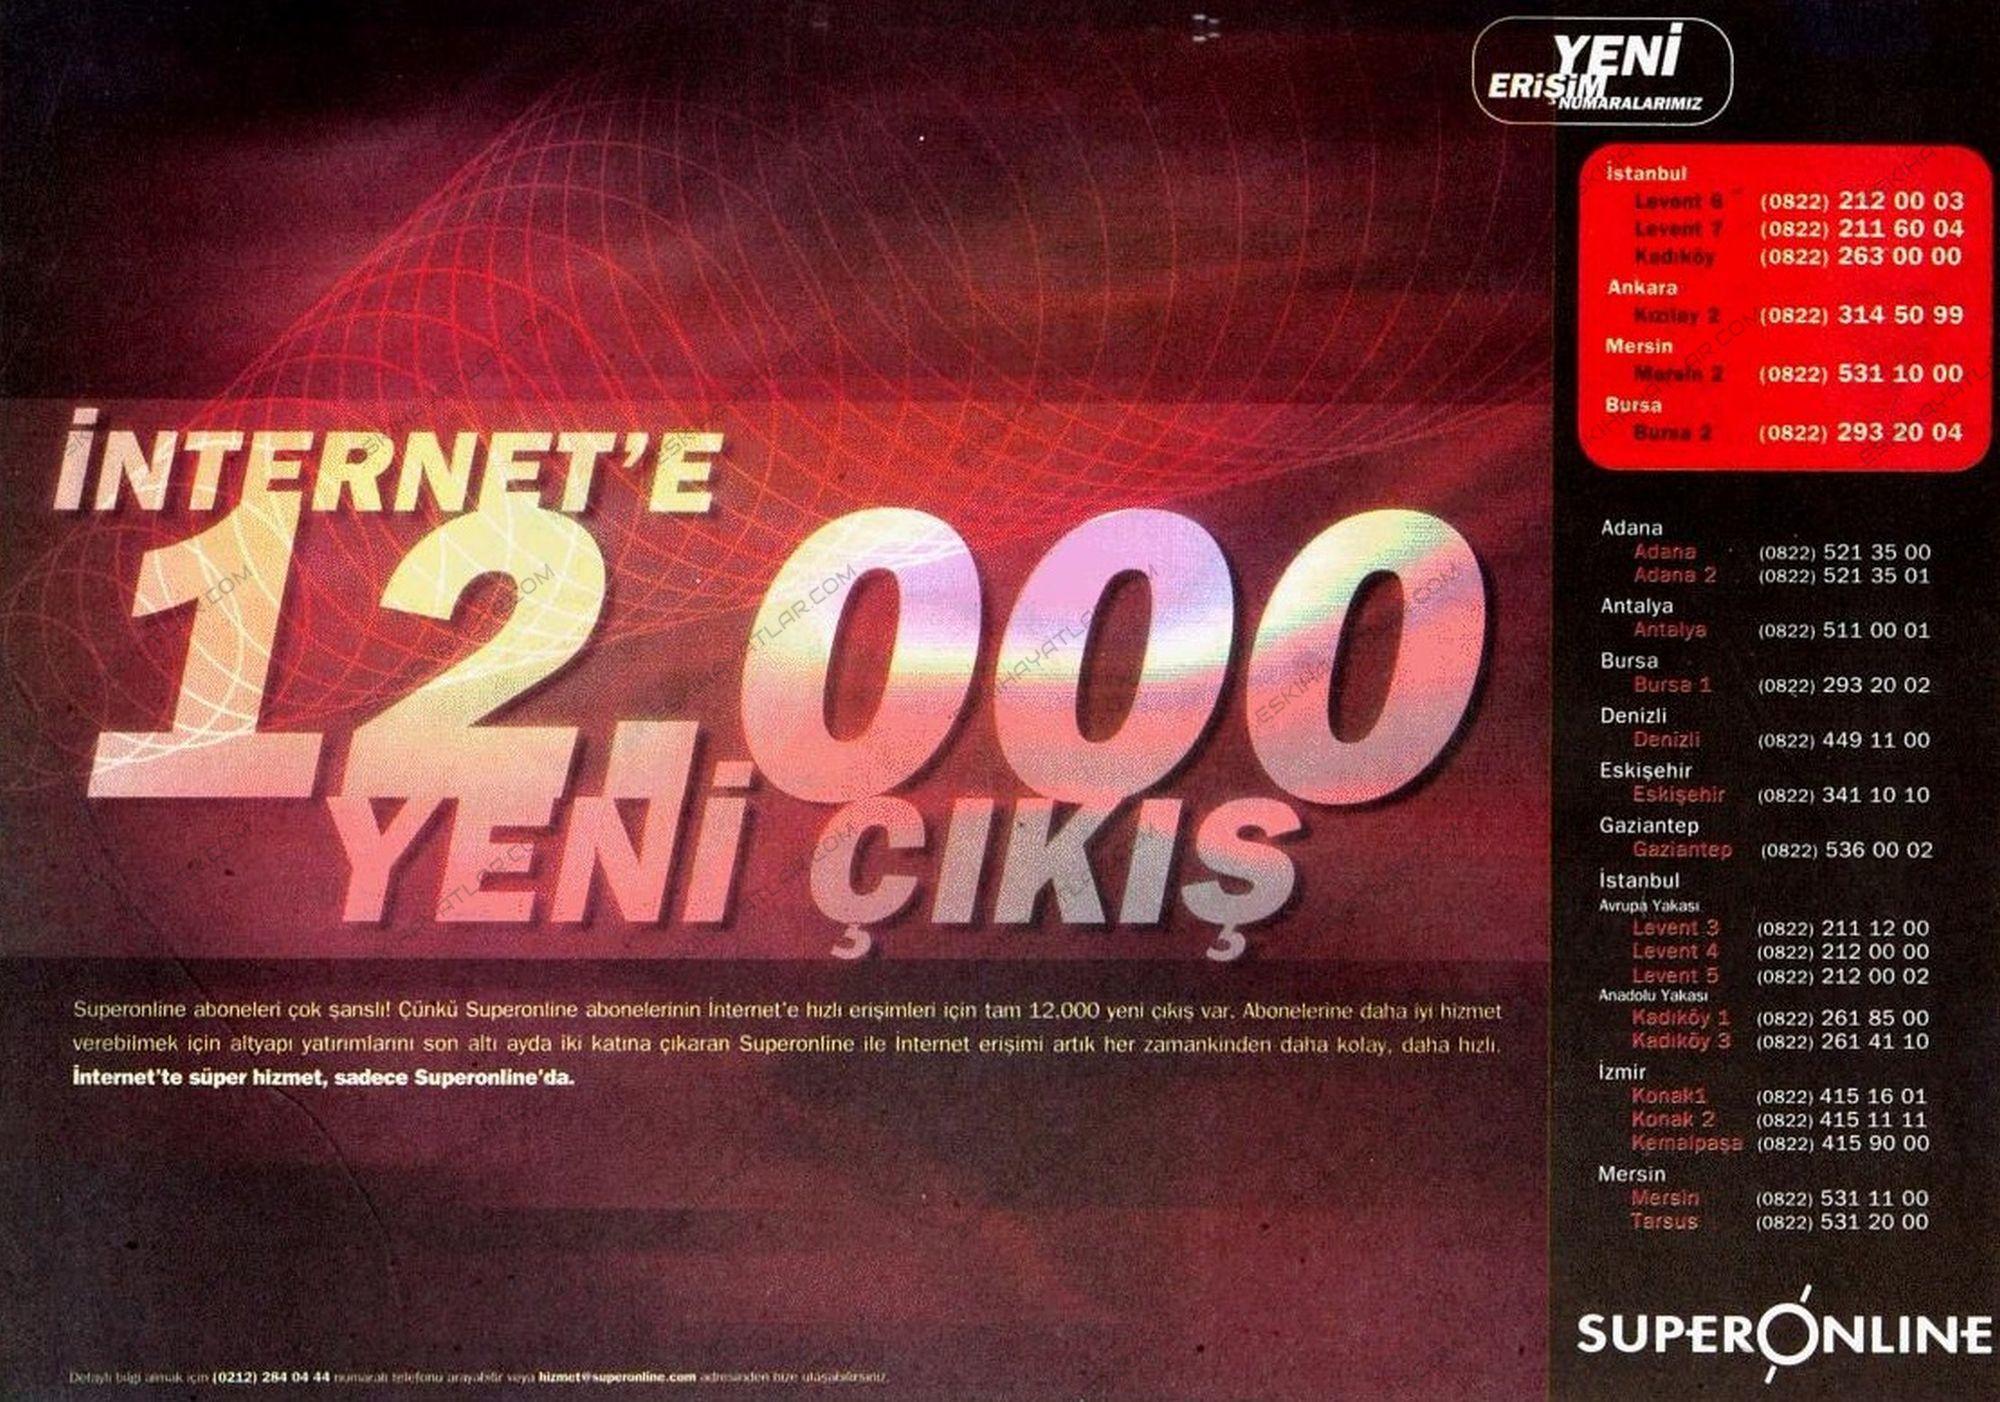 internet-ulkemize-ne-zaman-geldi-turkiyede-internet-25-yasinda (44)